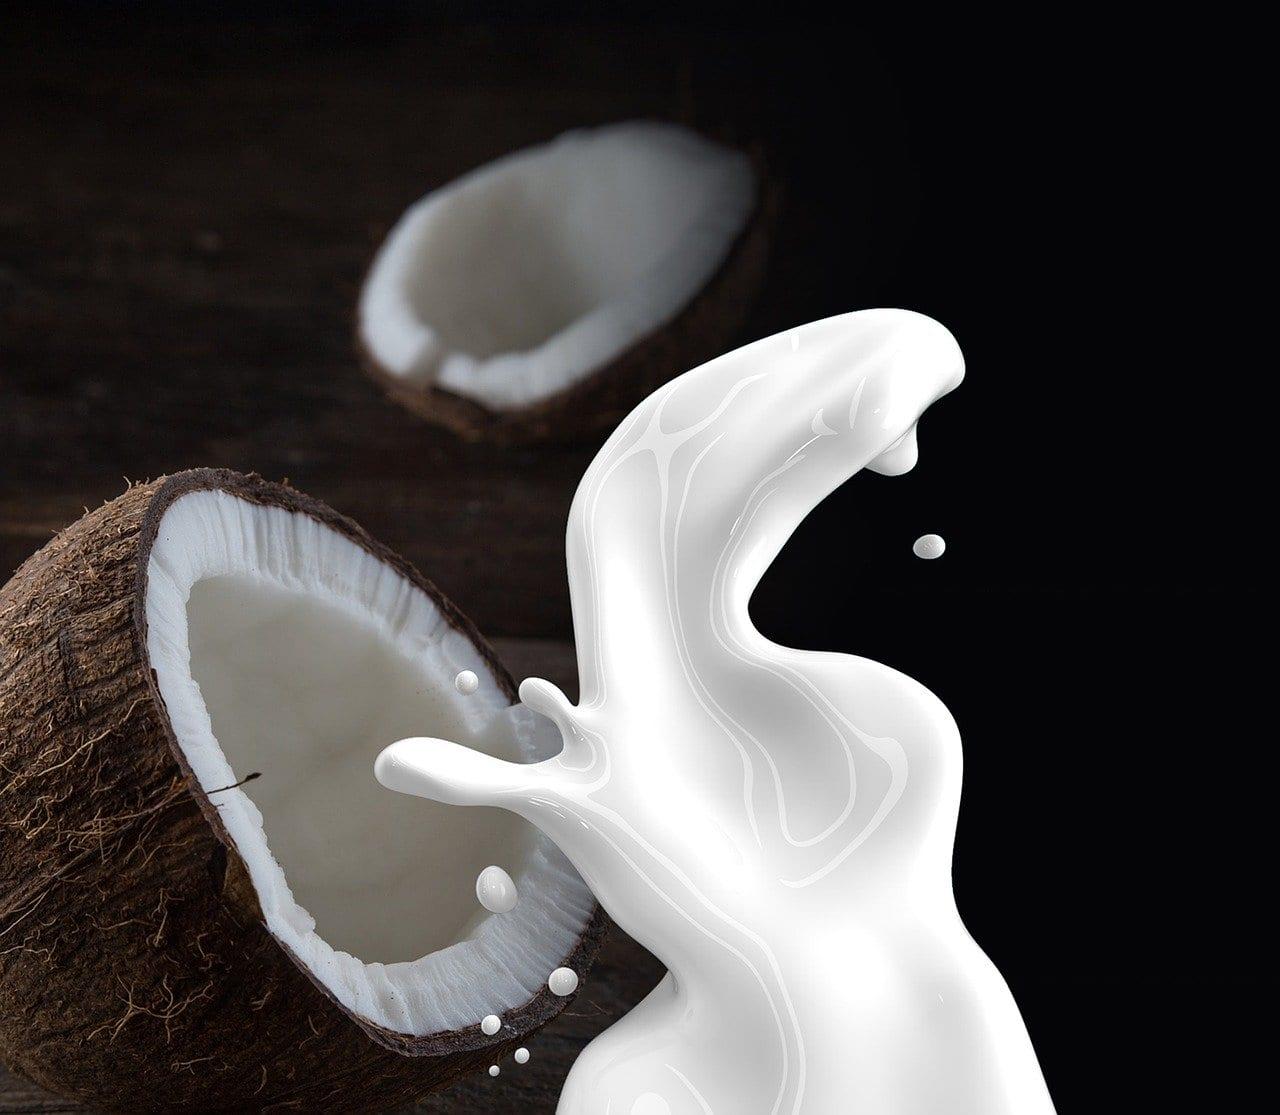 Piena aizvietotāji, un kuru no tiem labāk izvēlēties?